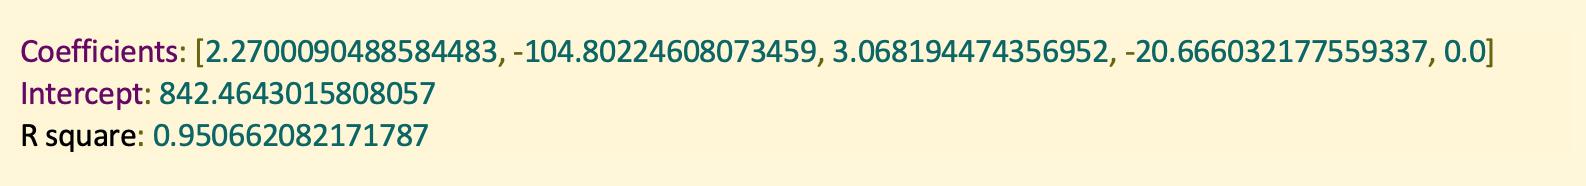 Coefficients: [2.2700090488584483, -104.80224608073459, 3.068194474356952, -20.666032177559337, 0.0] Intercept: 842.4643015808057 R square: 0.950662082171787